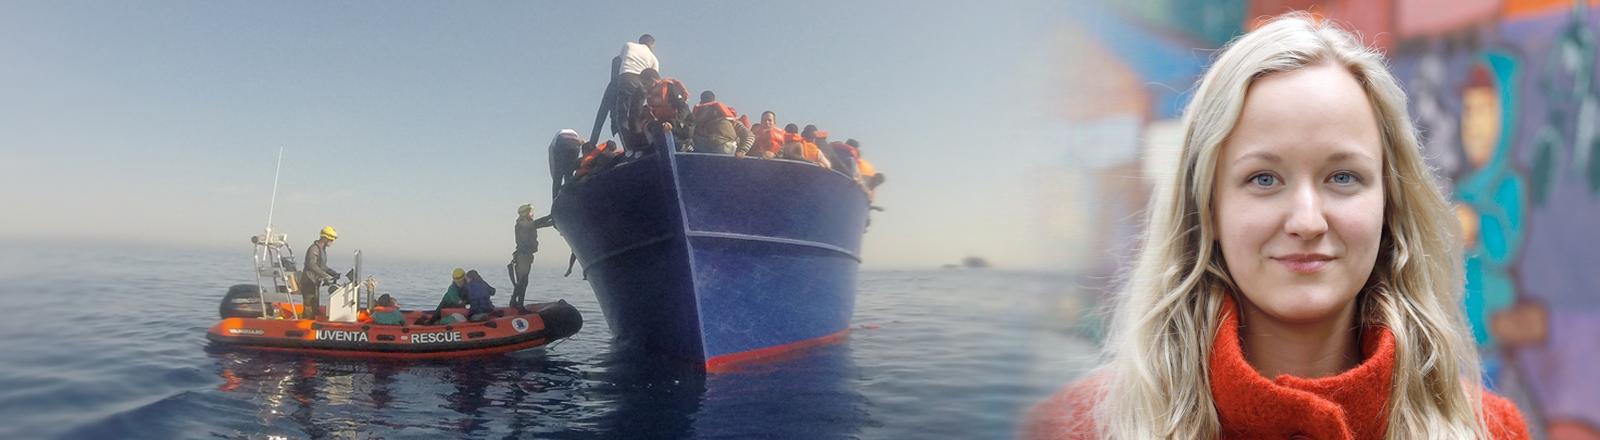 Collage: Links ein Bild einer Rettungsaktion des Seenotrettungsschiffs Iuvenat, rechts ein Portrait der Retterin Zoe Katharina